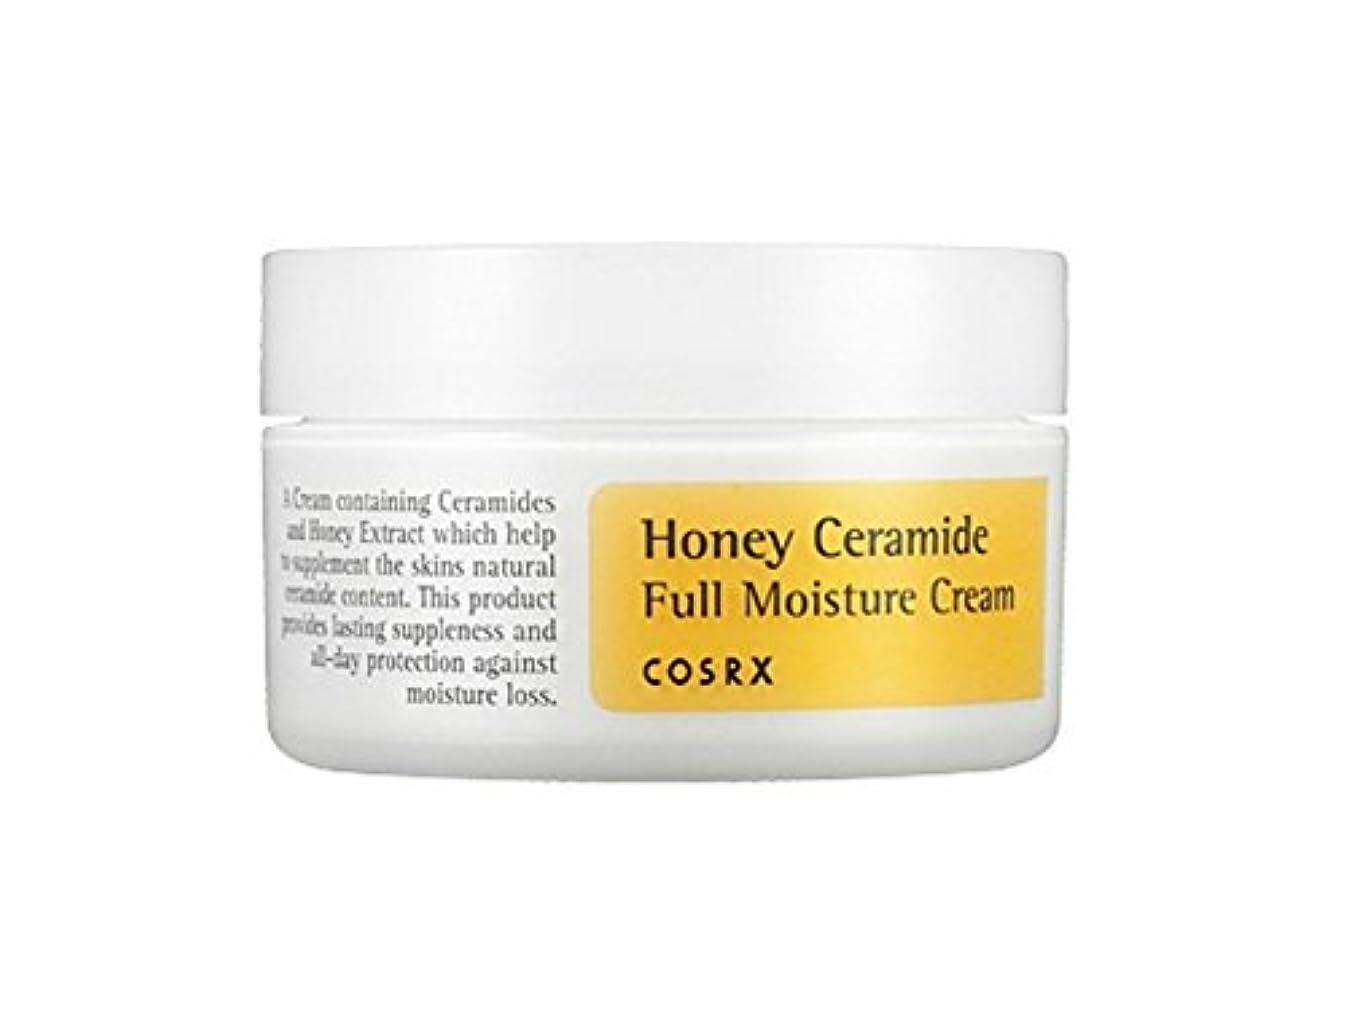 かき混ぜる大西洋証言するCOSRX Honey Ceramide Full Moisture Cream 50ml/COSRX ハニー セラミド フル モイスチャー クリーム 50ml [並行輸入品]